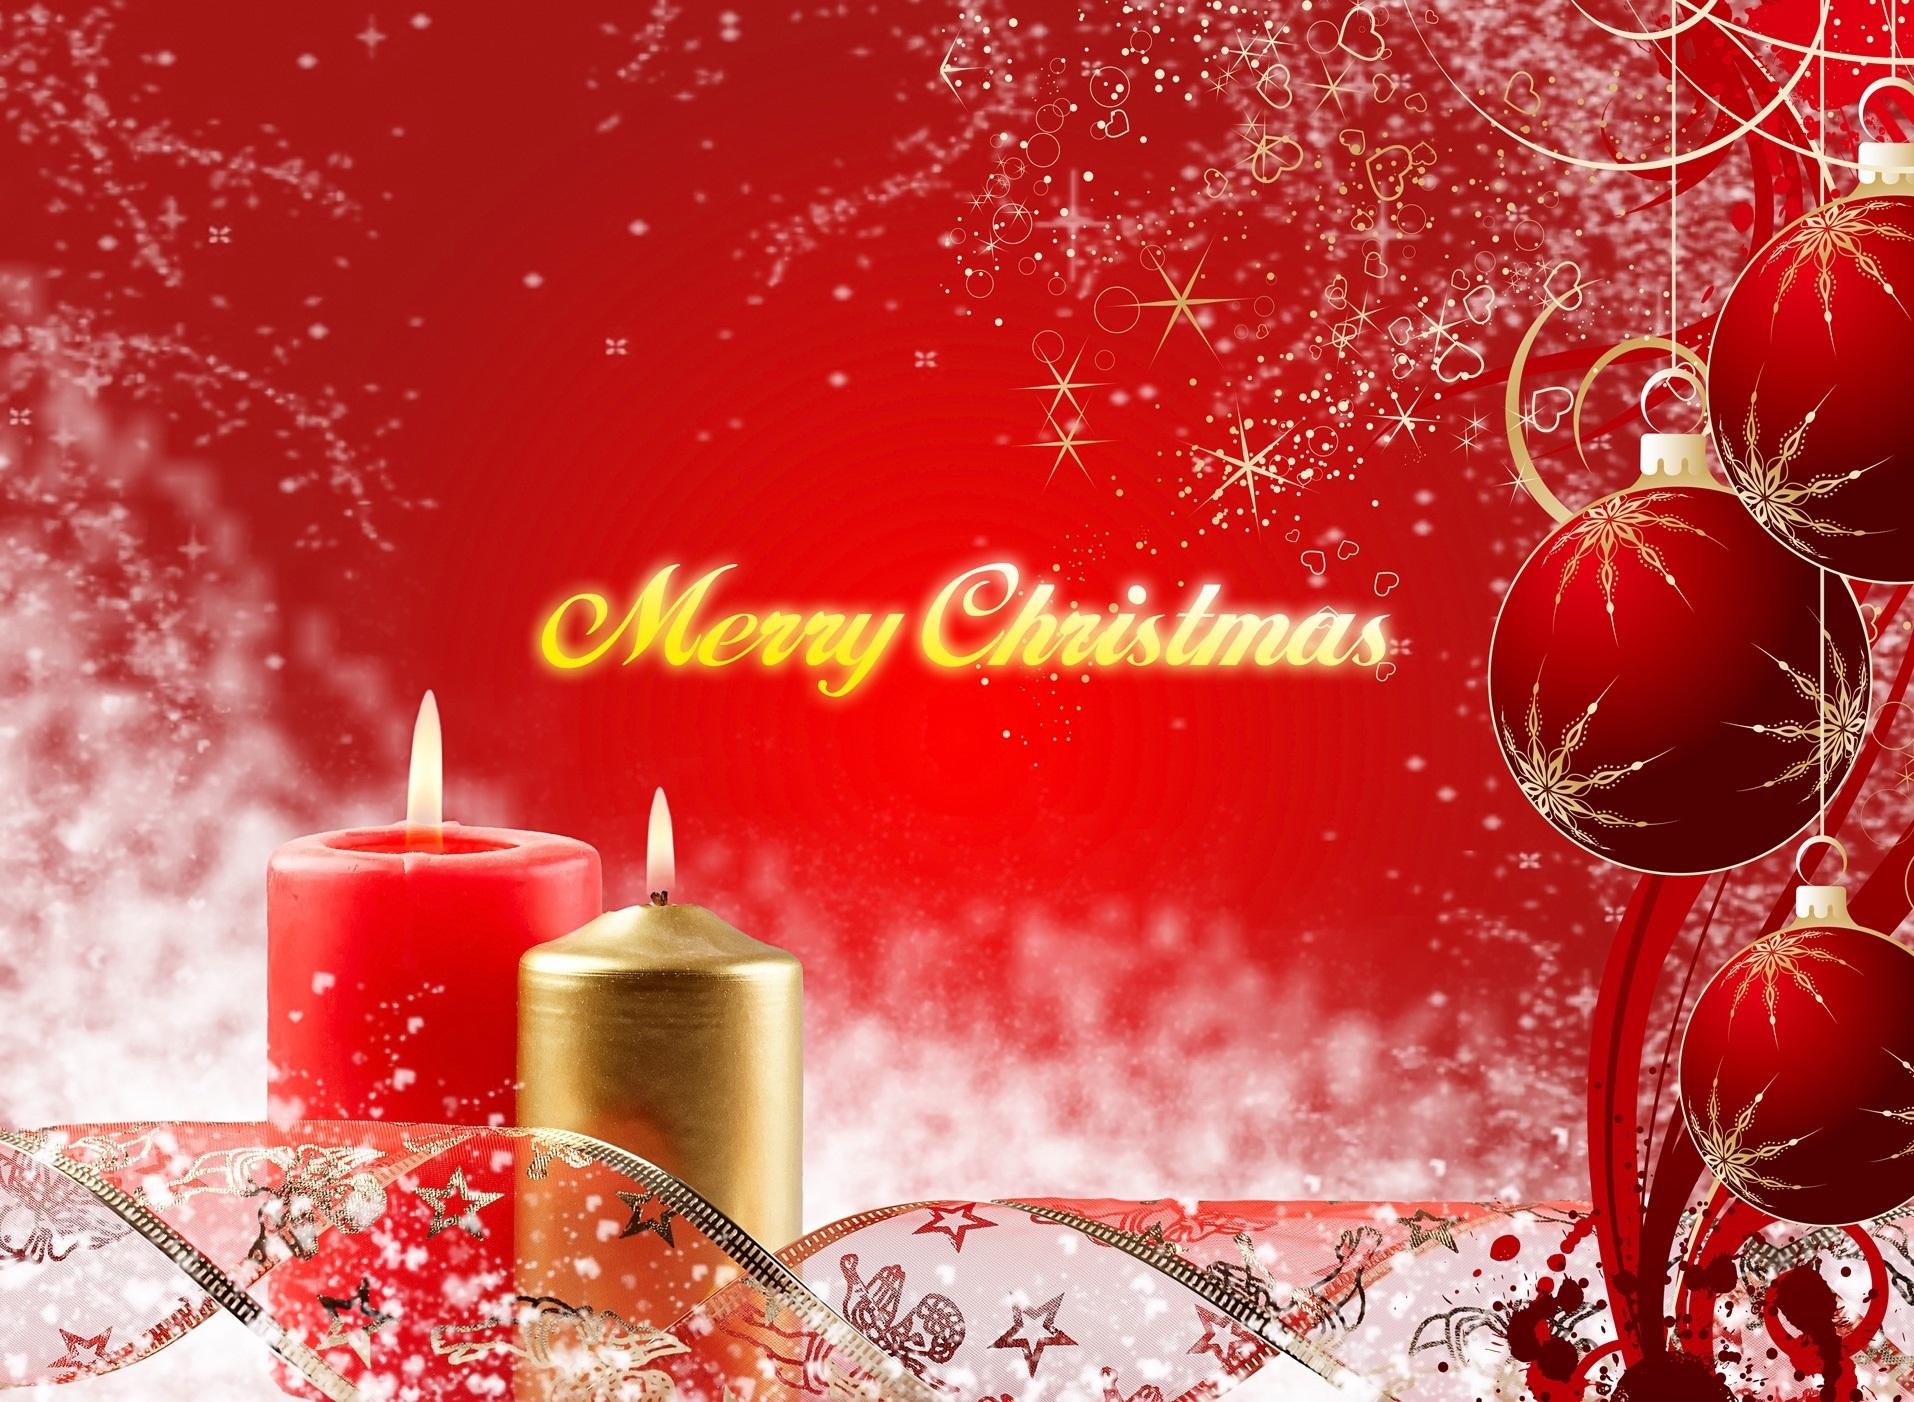 Christmas Free Wallpaper and Screensavers - WallpaperSafari